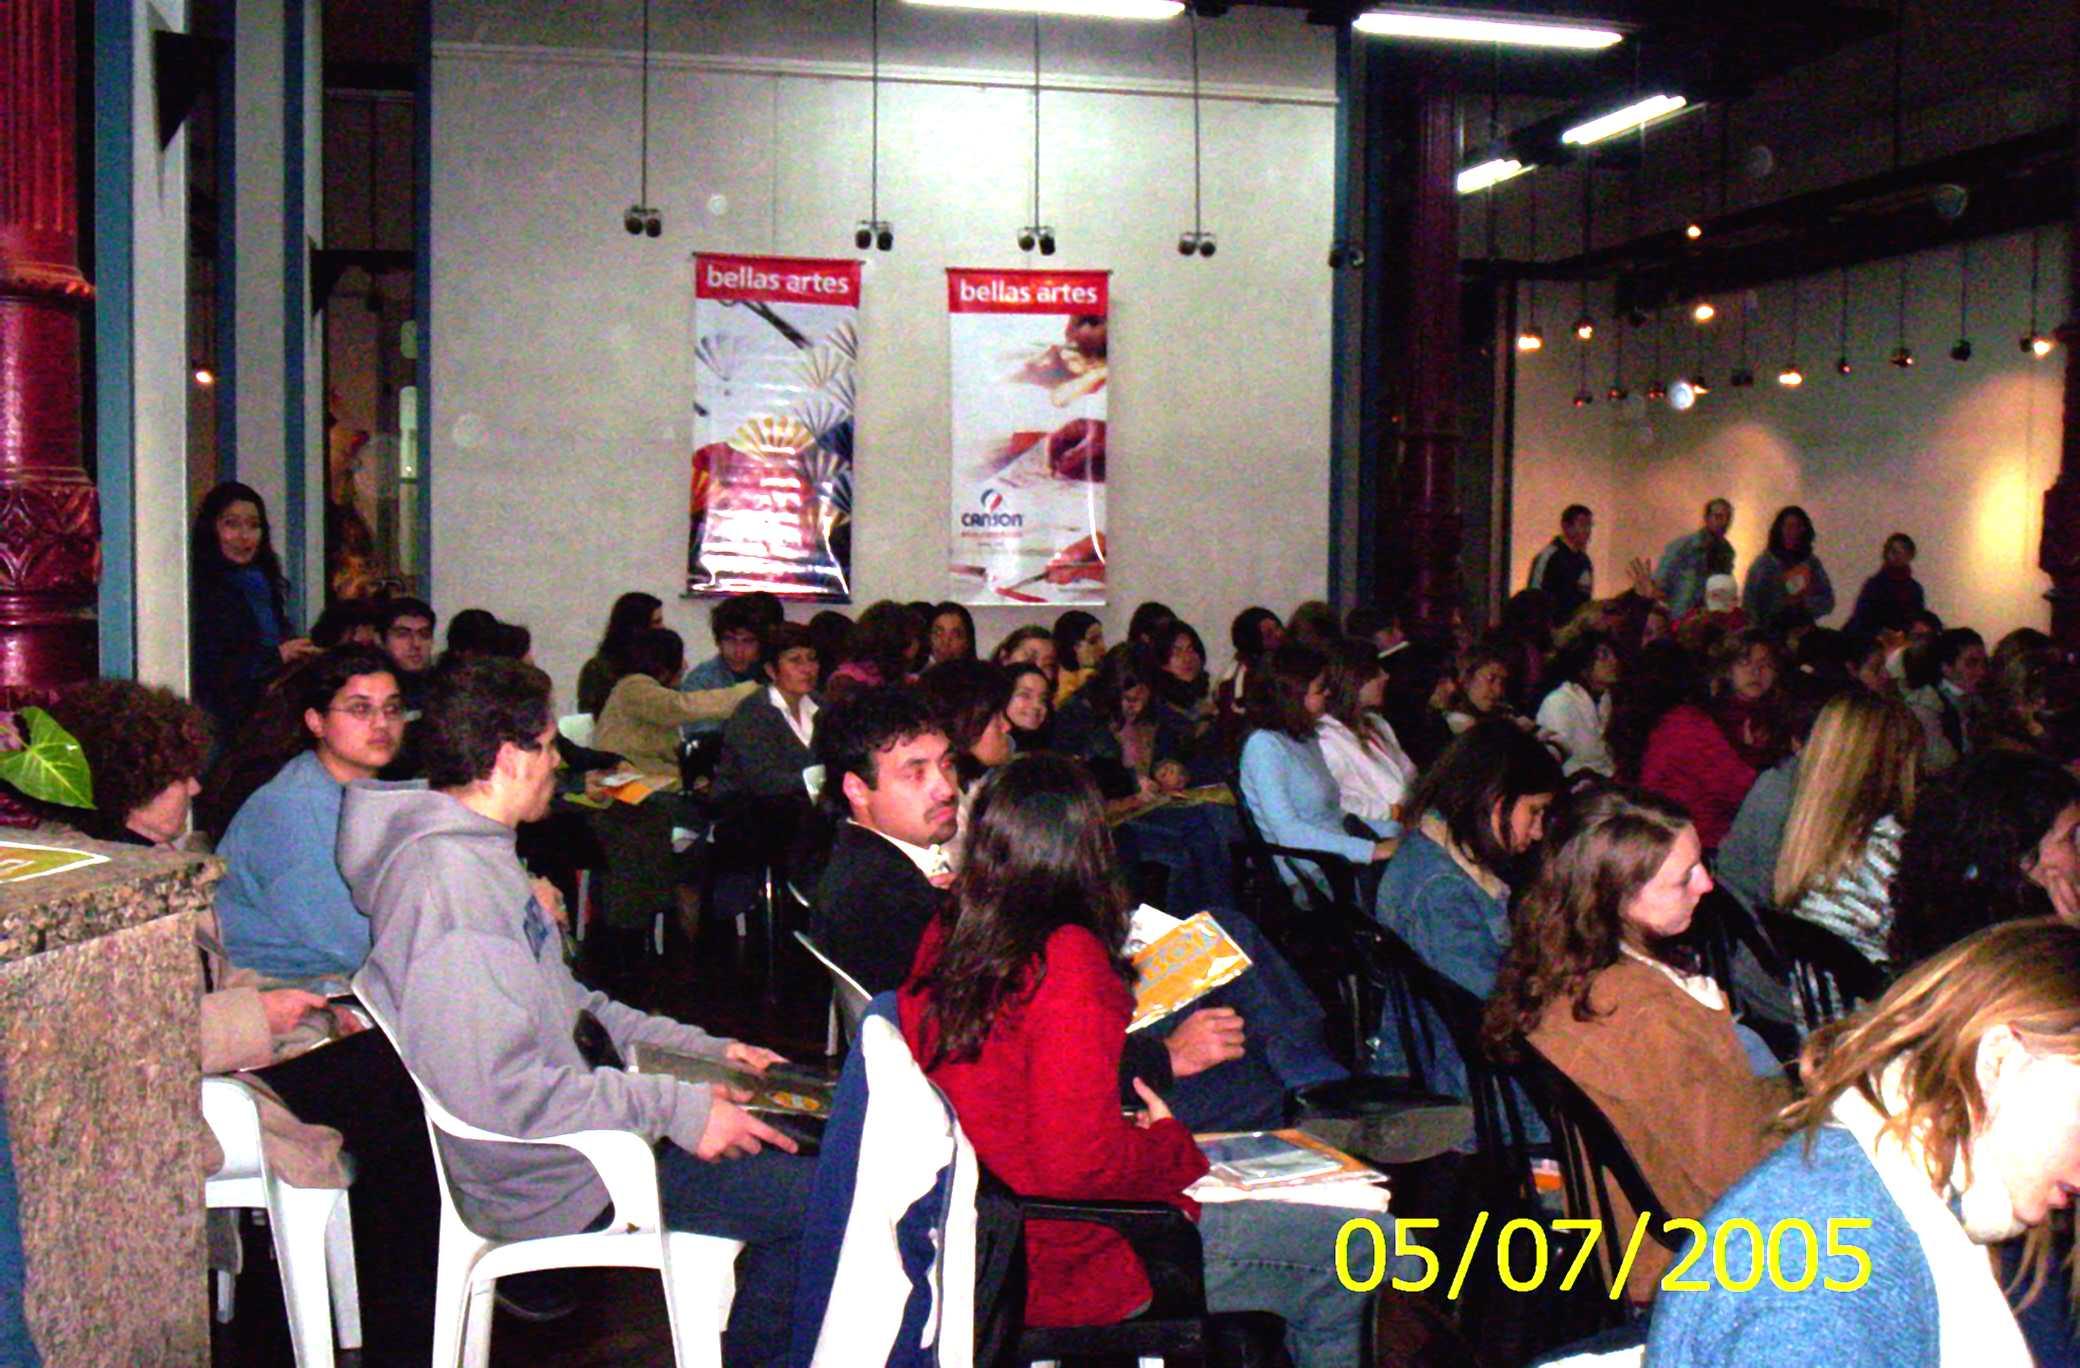 CANSON EN SANTA FE| A 14 AÑOS DE SU PRESENTACION EN EL MUSEO SOR JOSEFA DIAZ Y CLUCELLAS.